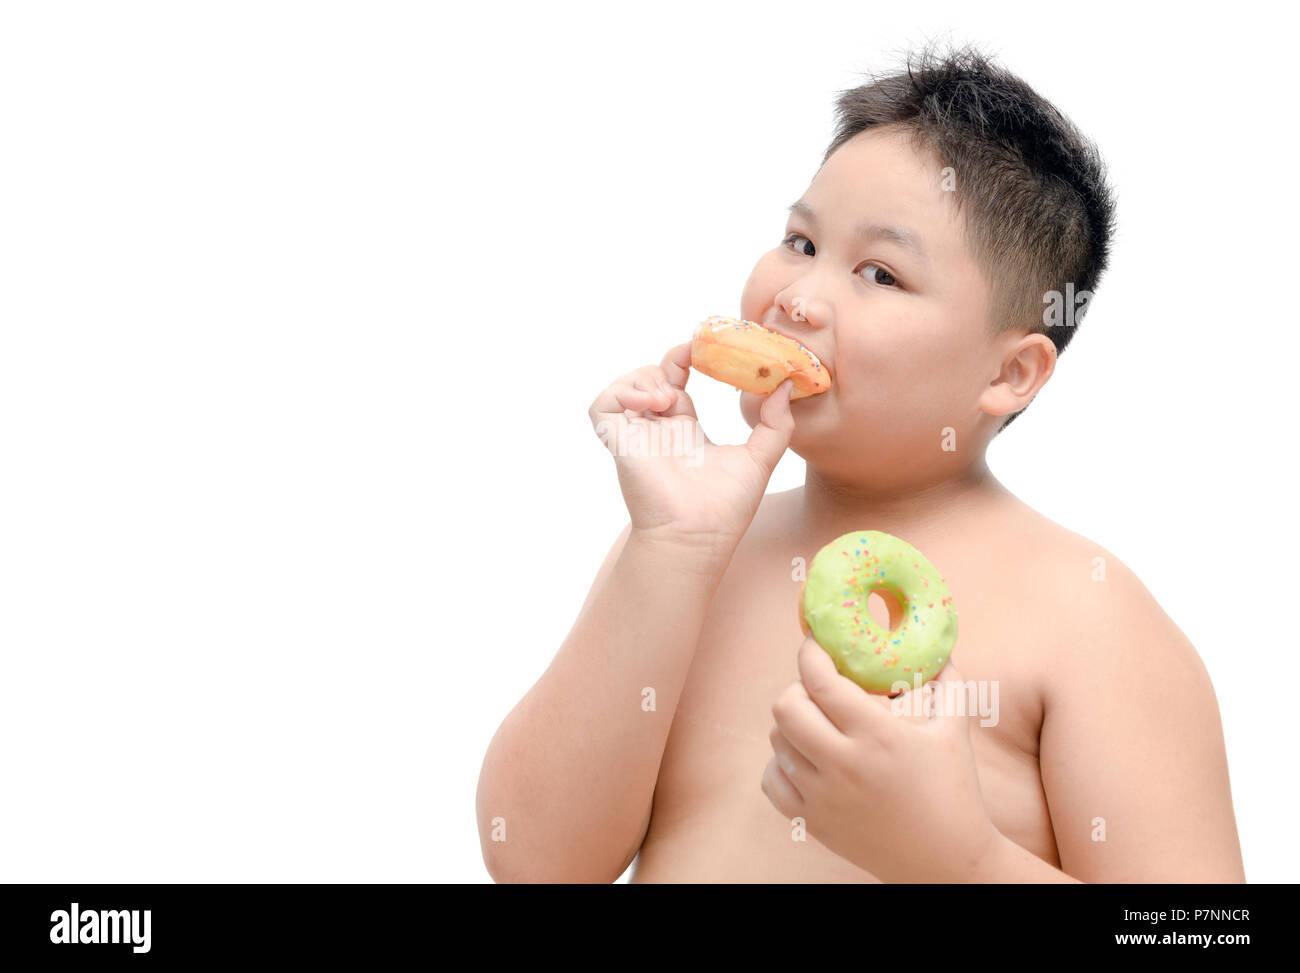 Fat Boy obesos come donut aislado sobre fondo blanco, la comida chatarra y la dieta concepto Imagen De Stock